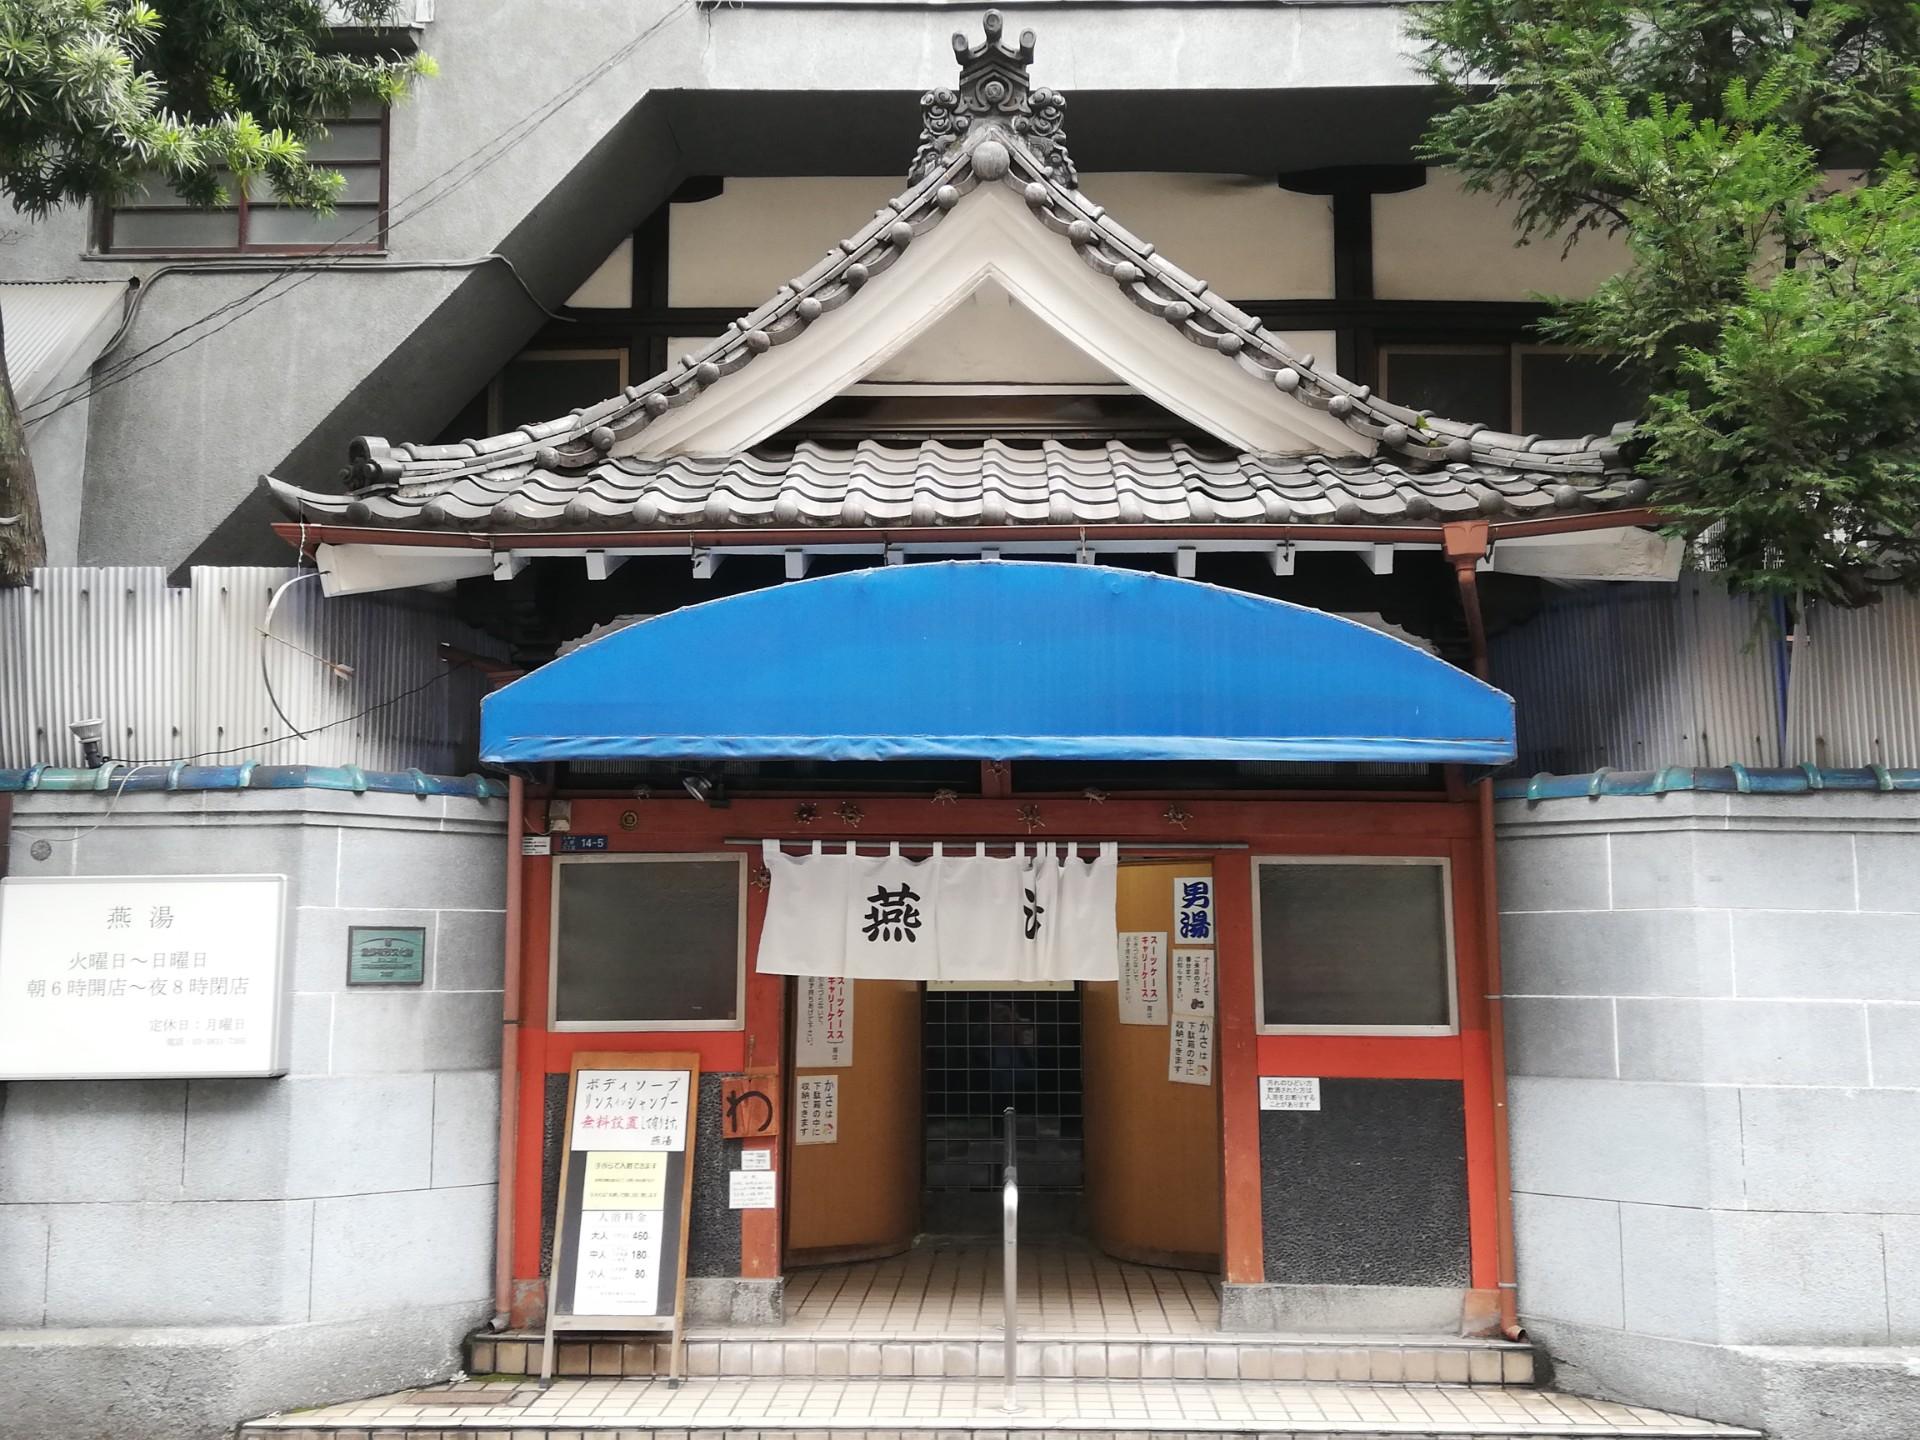 上野御徒町の燕湯外観写真